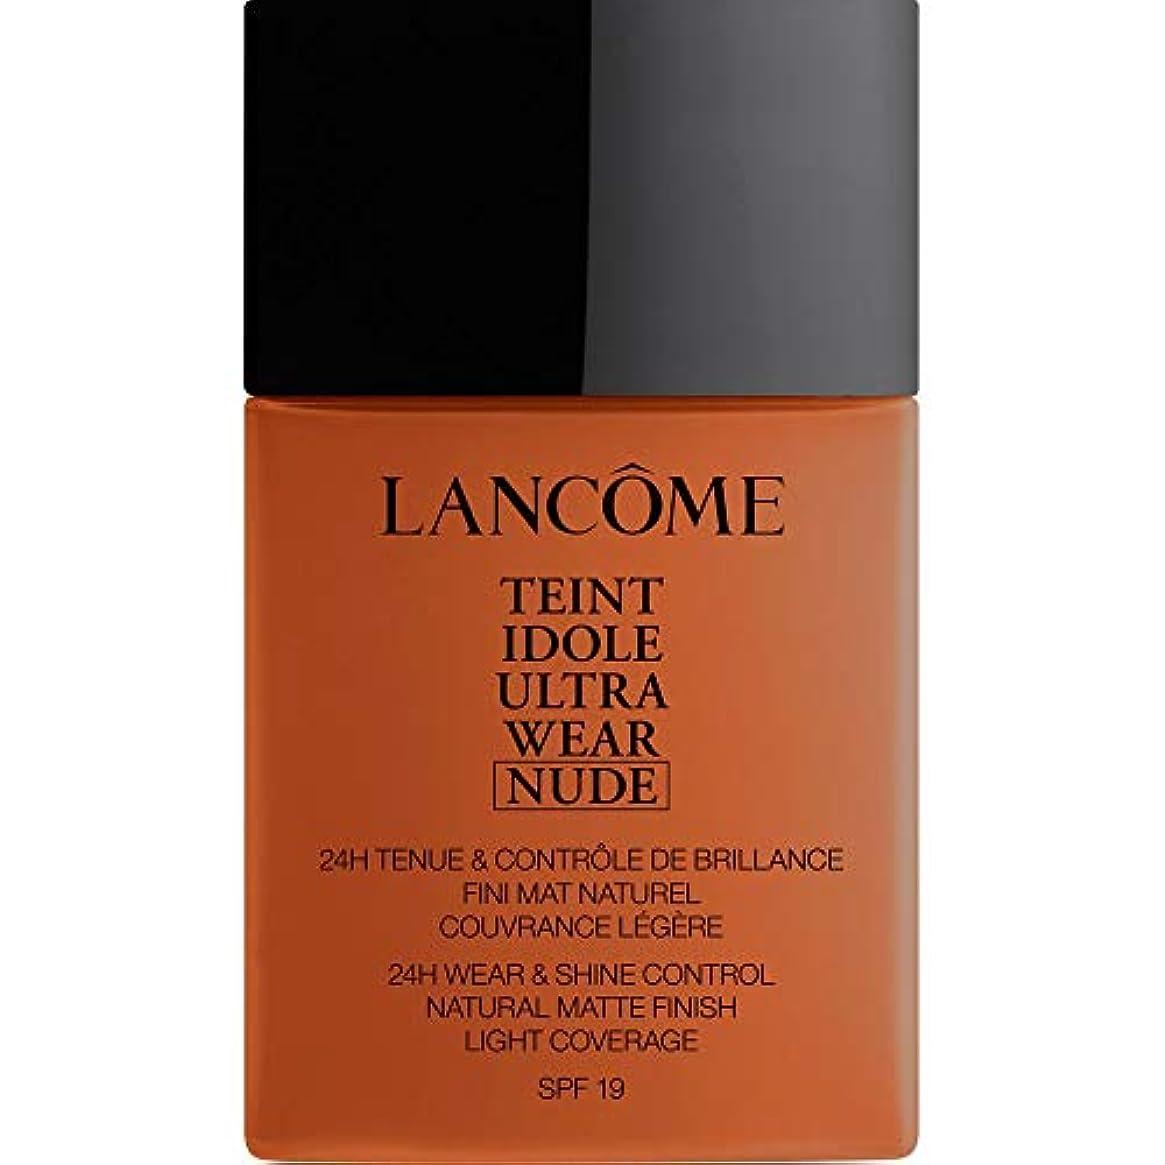 午後伝統発掘[Lanc?me ] ランコムTeintのIdole超摩耗ヌード財団Spf19の40ミリリットル13 - Sienne - Lancome Teint Idole Ultra Wear Nude Foundation SPF19...